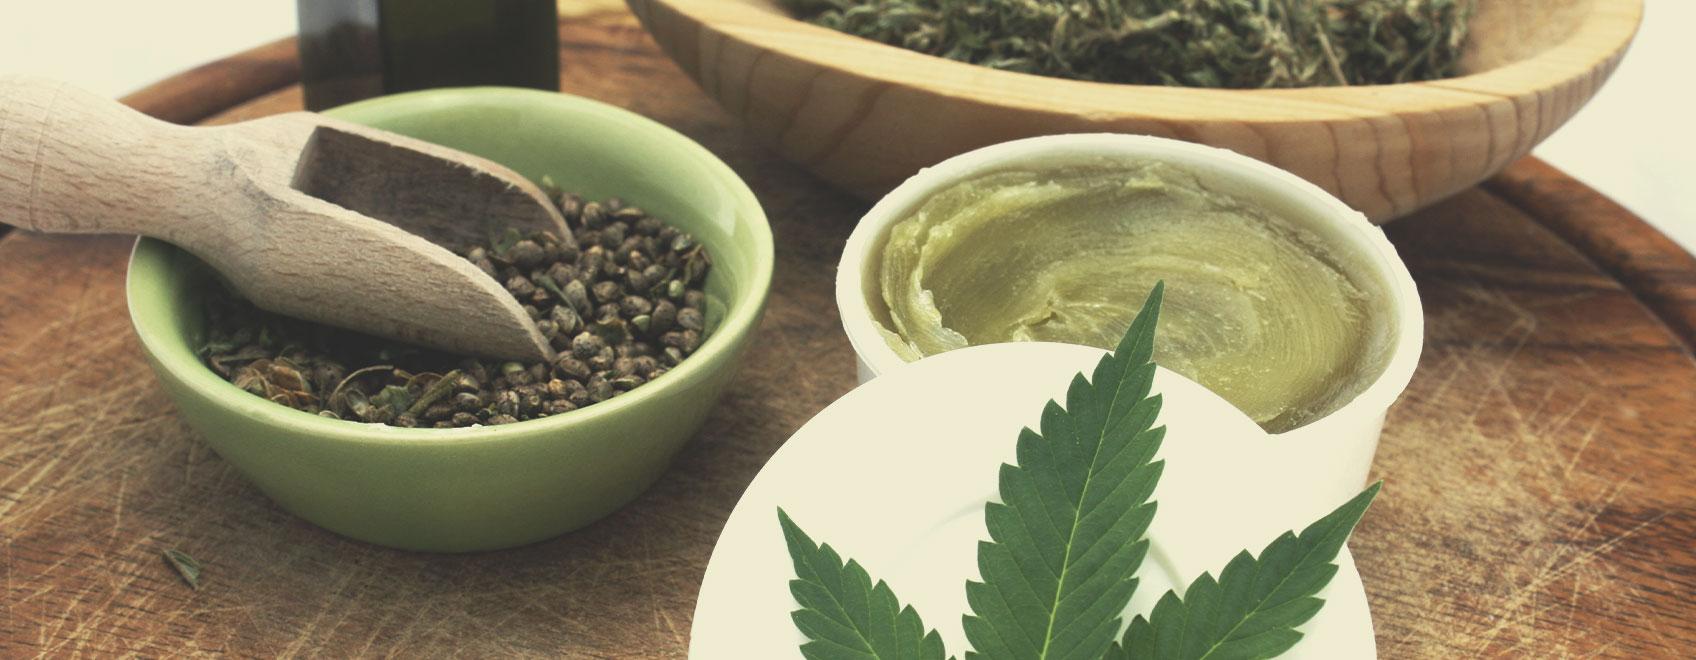 Wie man Bio-Cannabissalbe herstellt